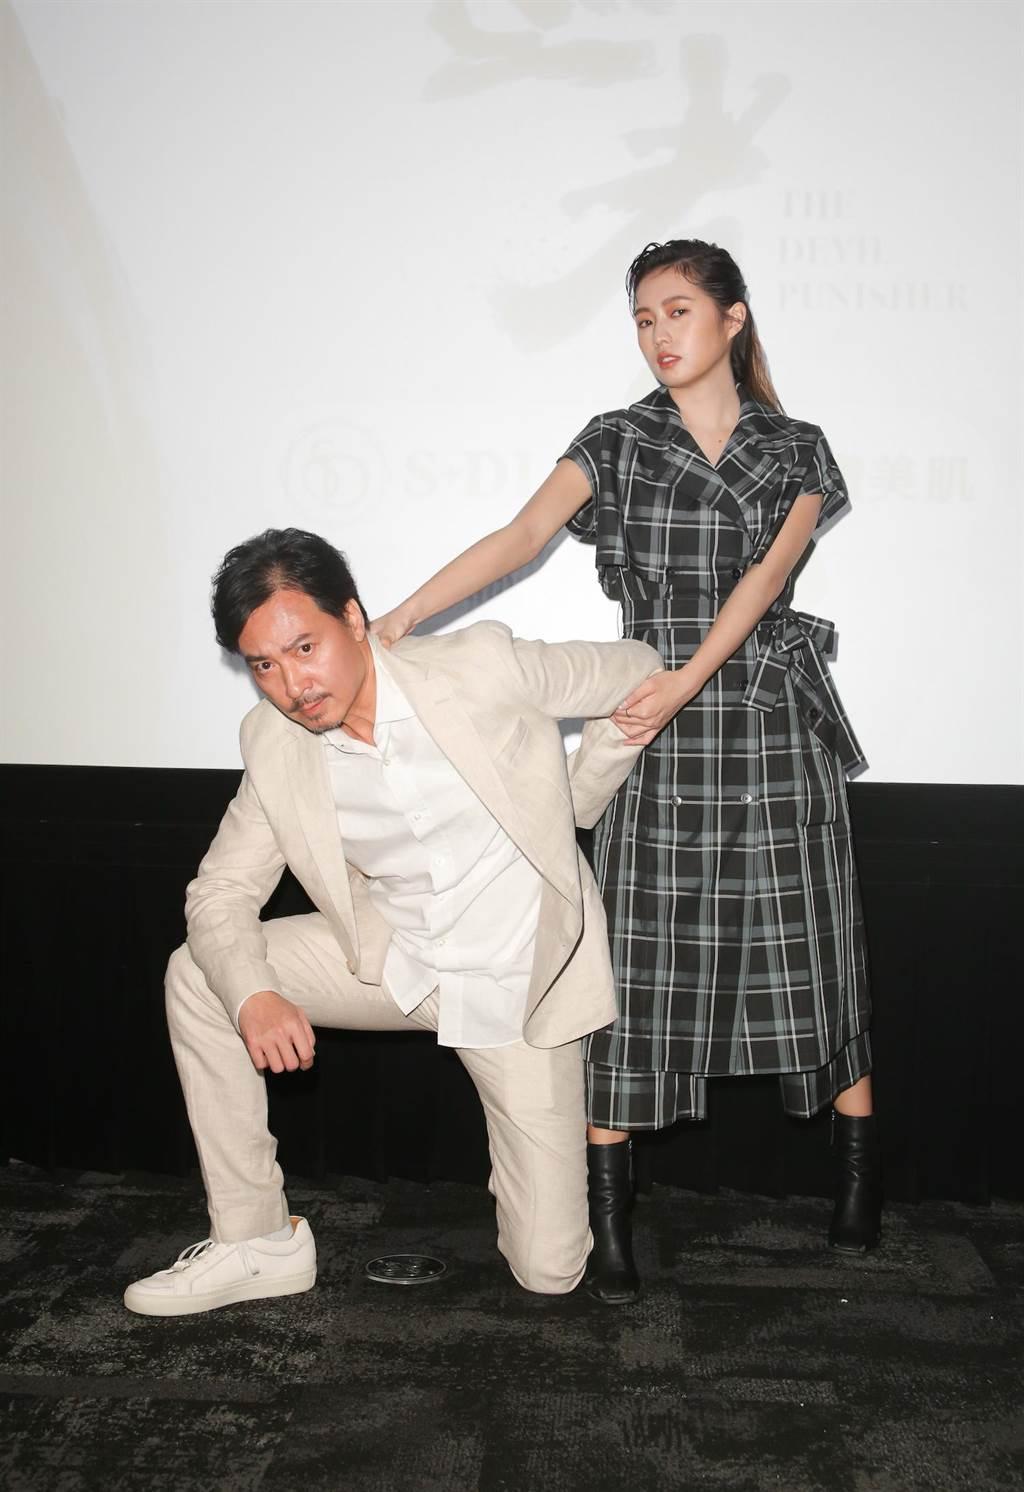 簡廷芮劇中與尹昭德有許多對手戲。(吳松翰攝)